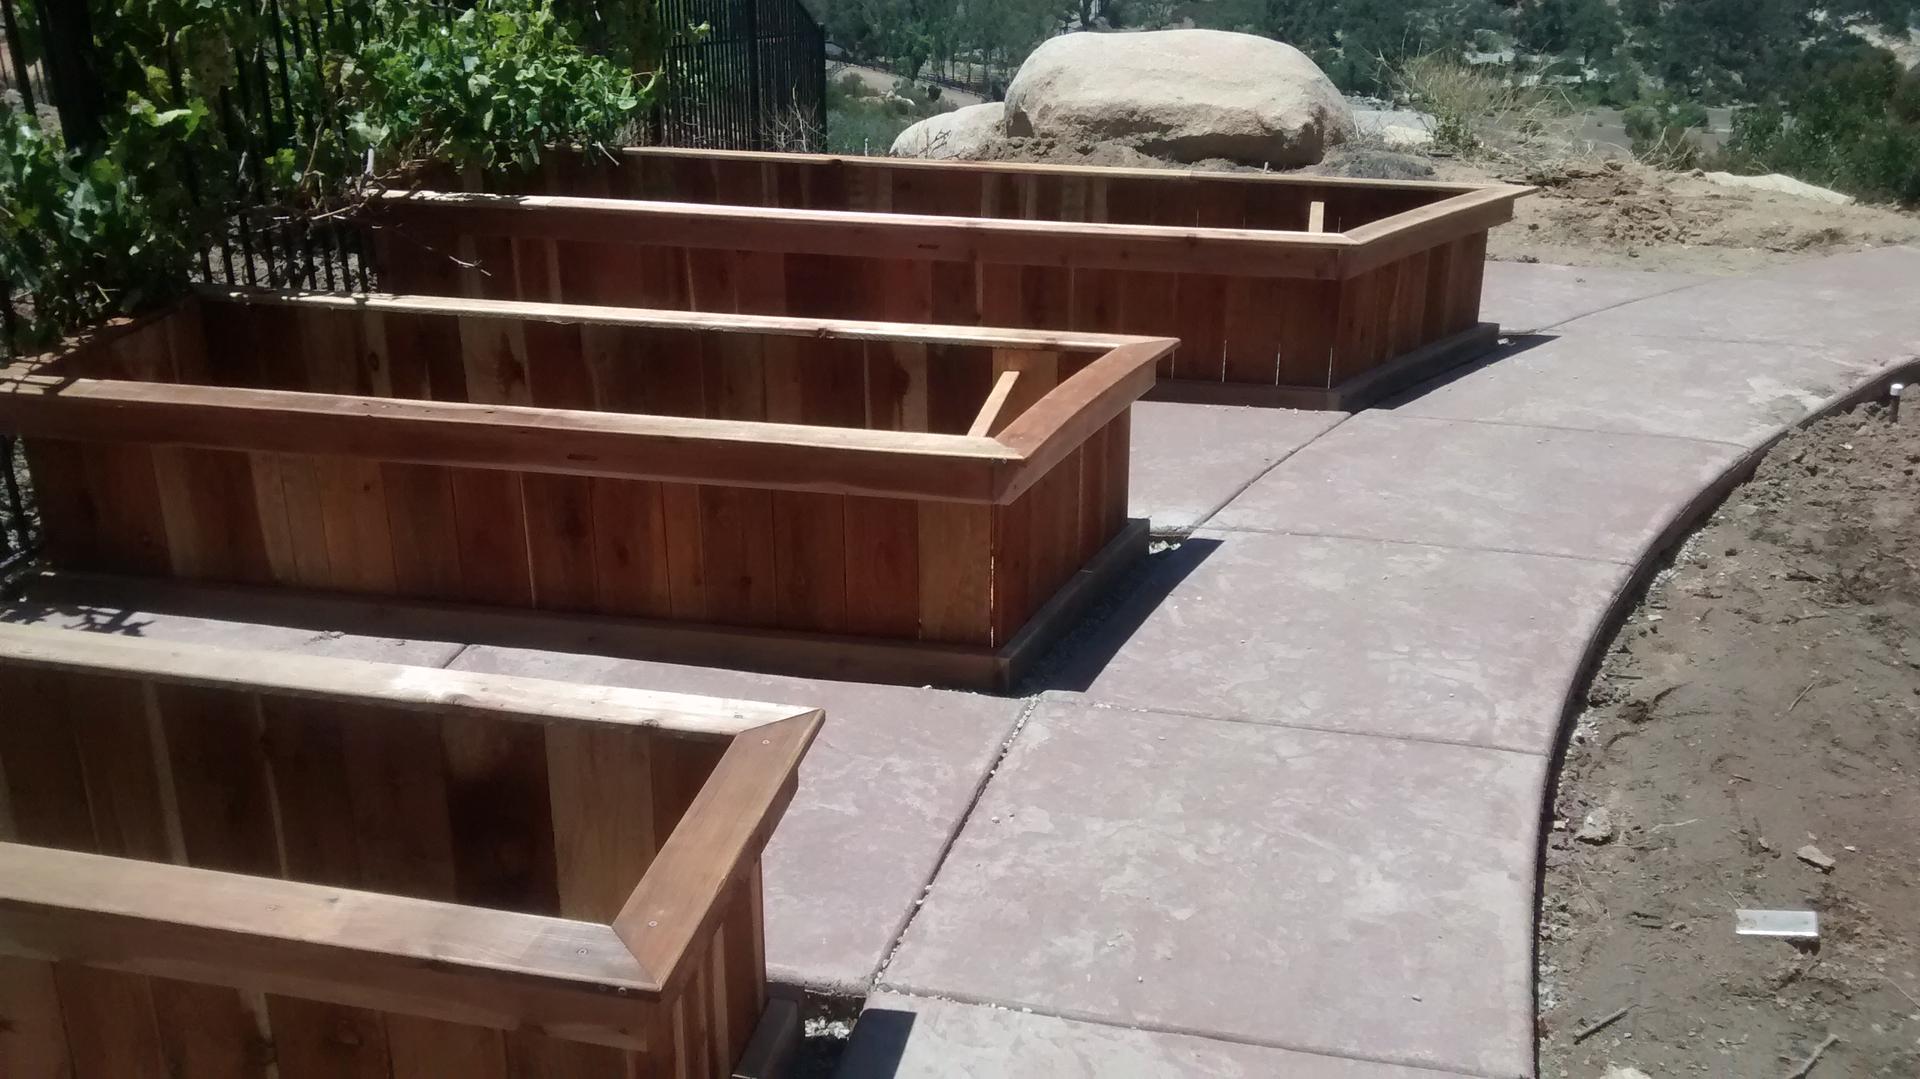 kitchen raised garden three layout cedar kit beds bed vegetable dog frugal ideas diy